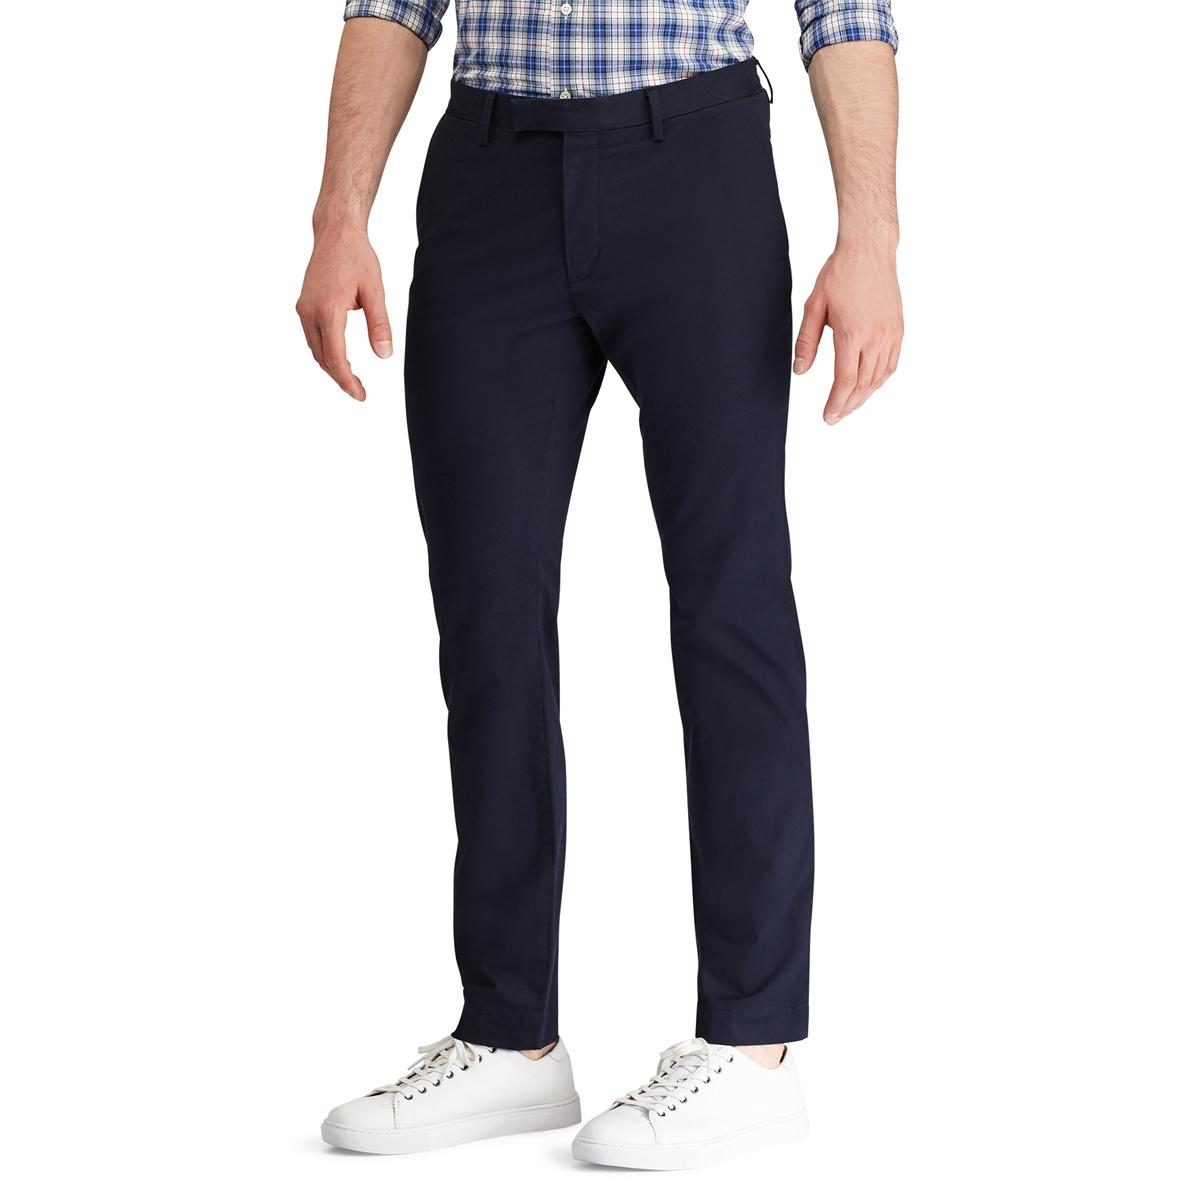 Брюки La Redoute Чинос узкого покроя стрейч 30 синий джинсы la redoute стретч узкого покроя hatch 32 34 синий